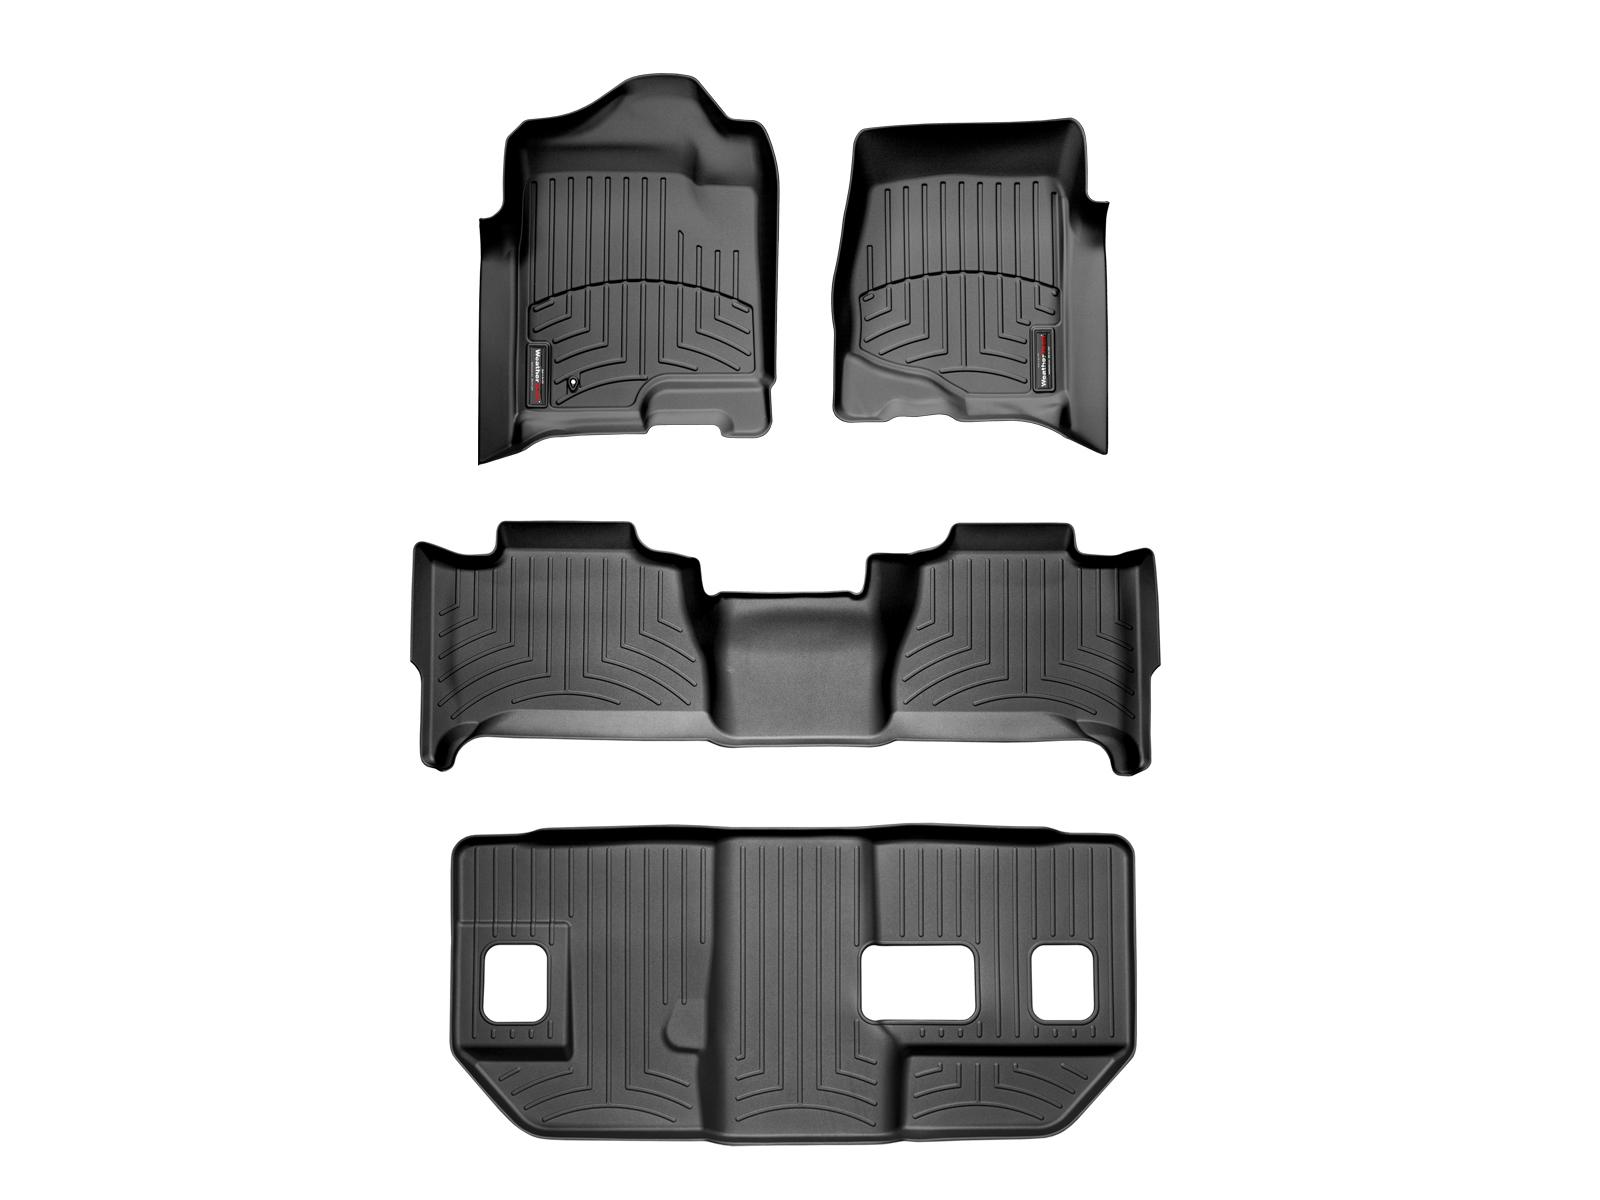 Tappeti gomma su misura bordo alto Cadillac Escalade ESV 07>10 Nero A50*